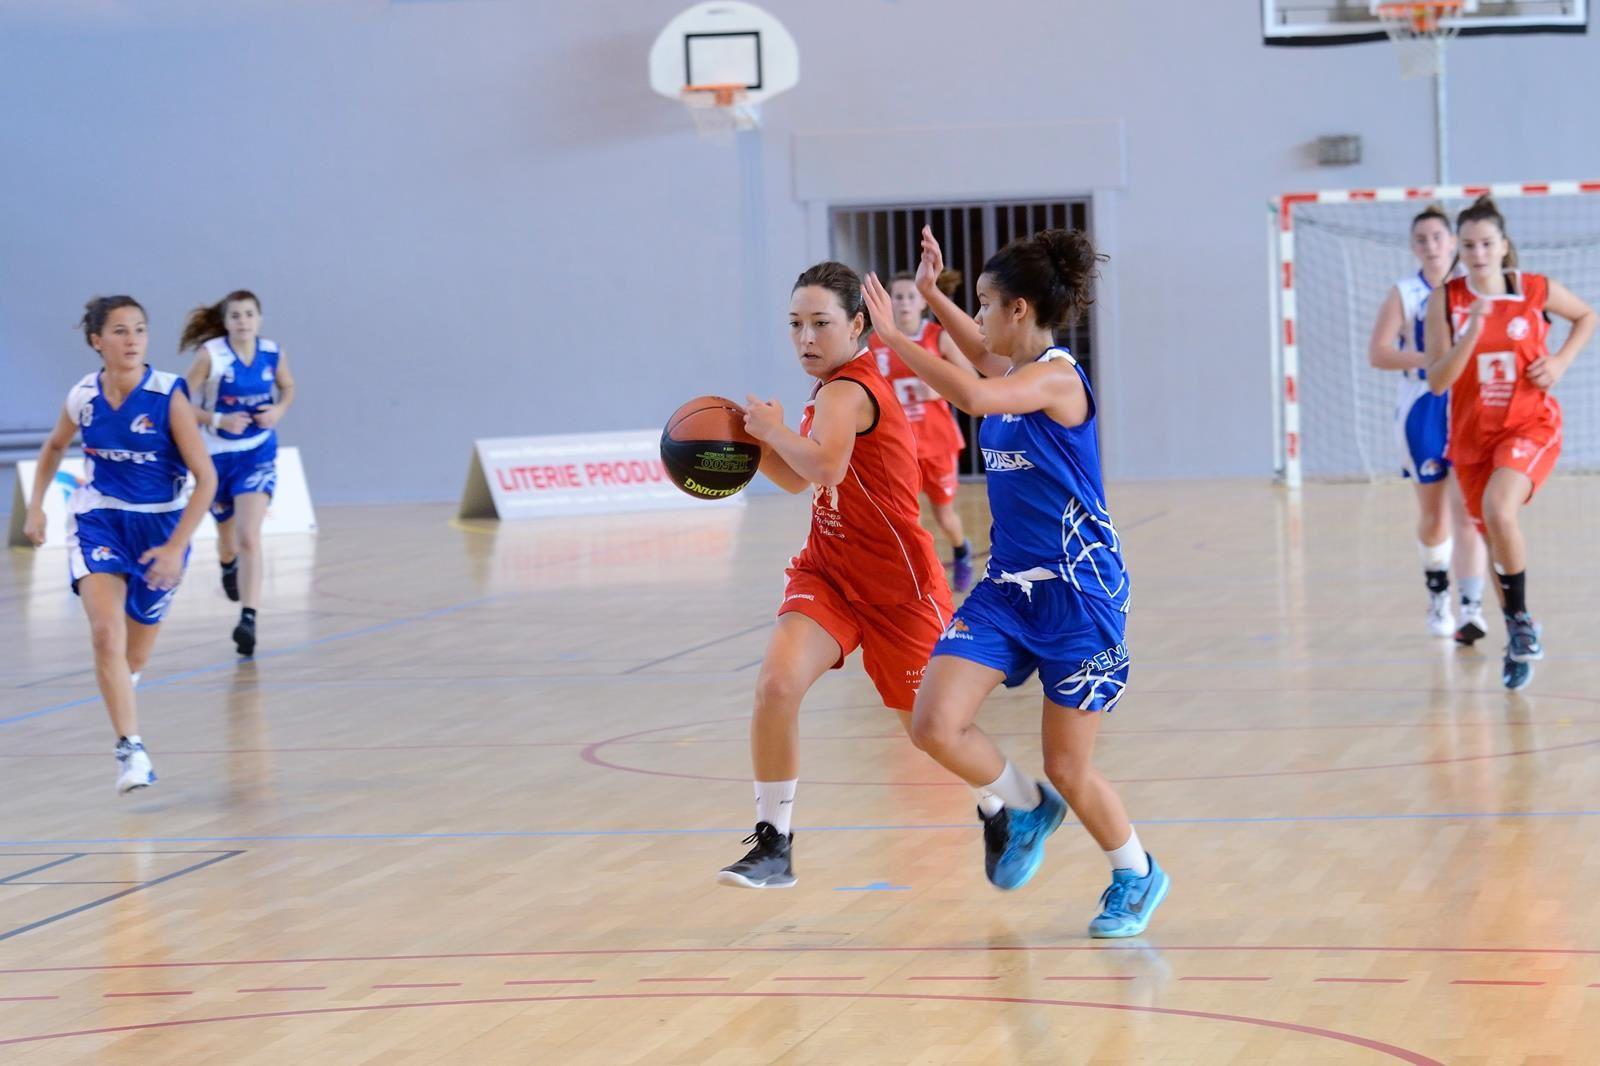 Les U20F face à Genas-Azieu le 25/10/2015 au Palais des Sports